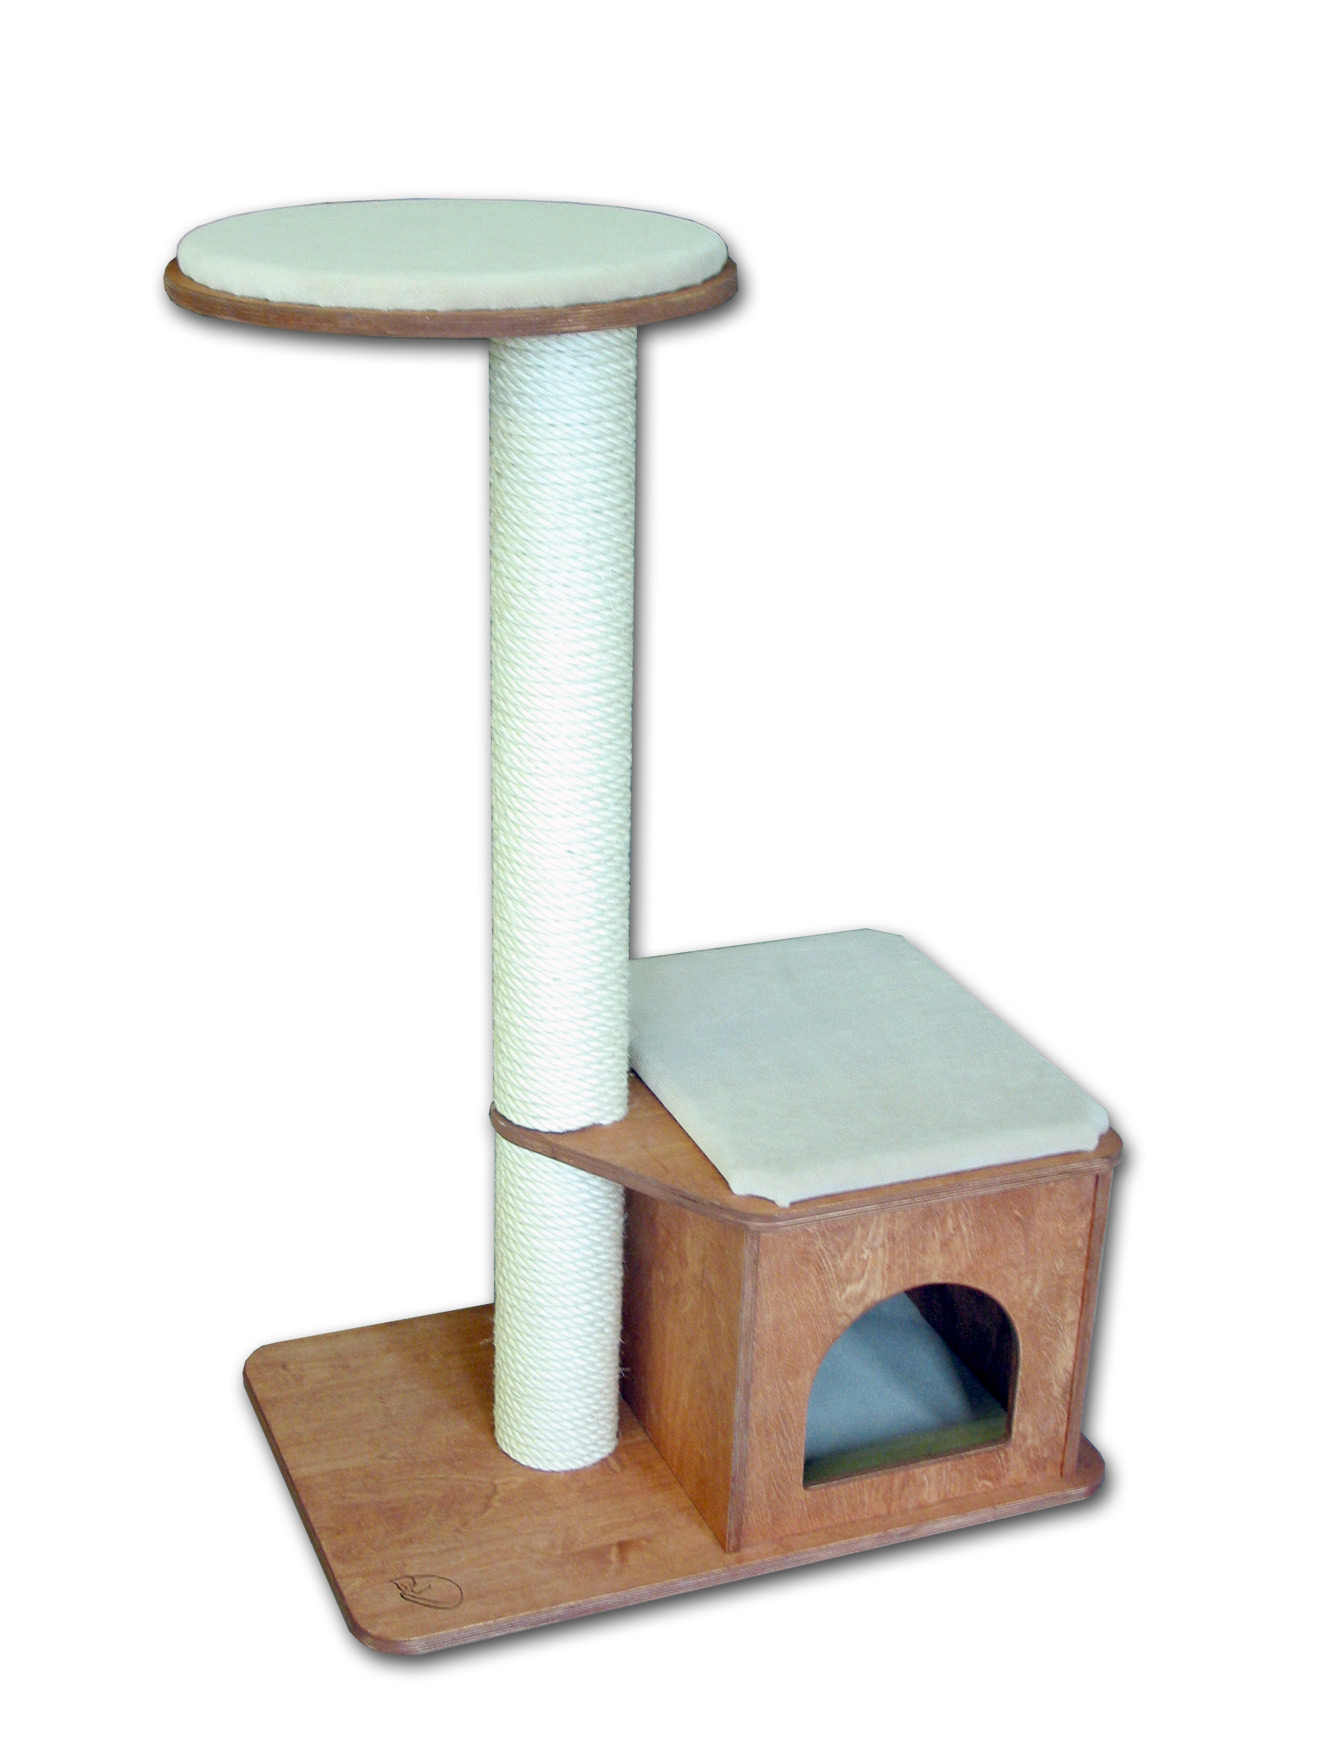 kratzbaum modell wum 1 stamm kratzbaum kratzb ume. Black Bedroom Furniture Sets. Home Design Ideas